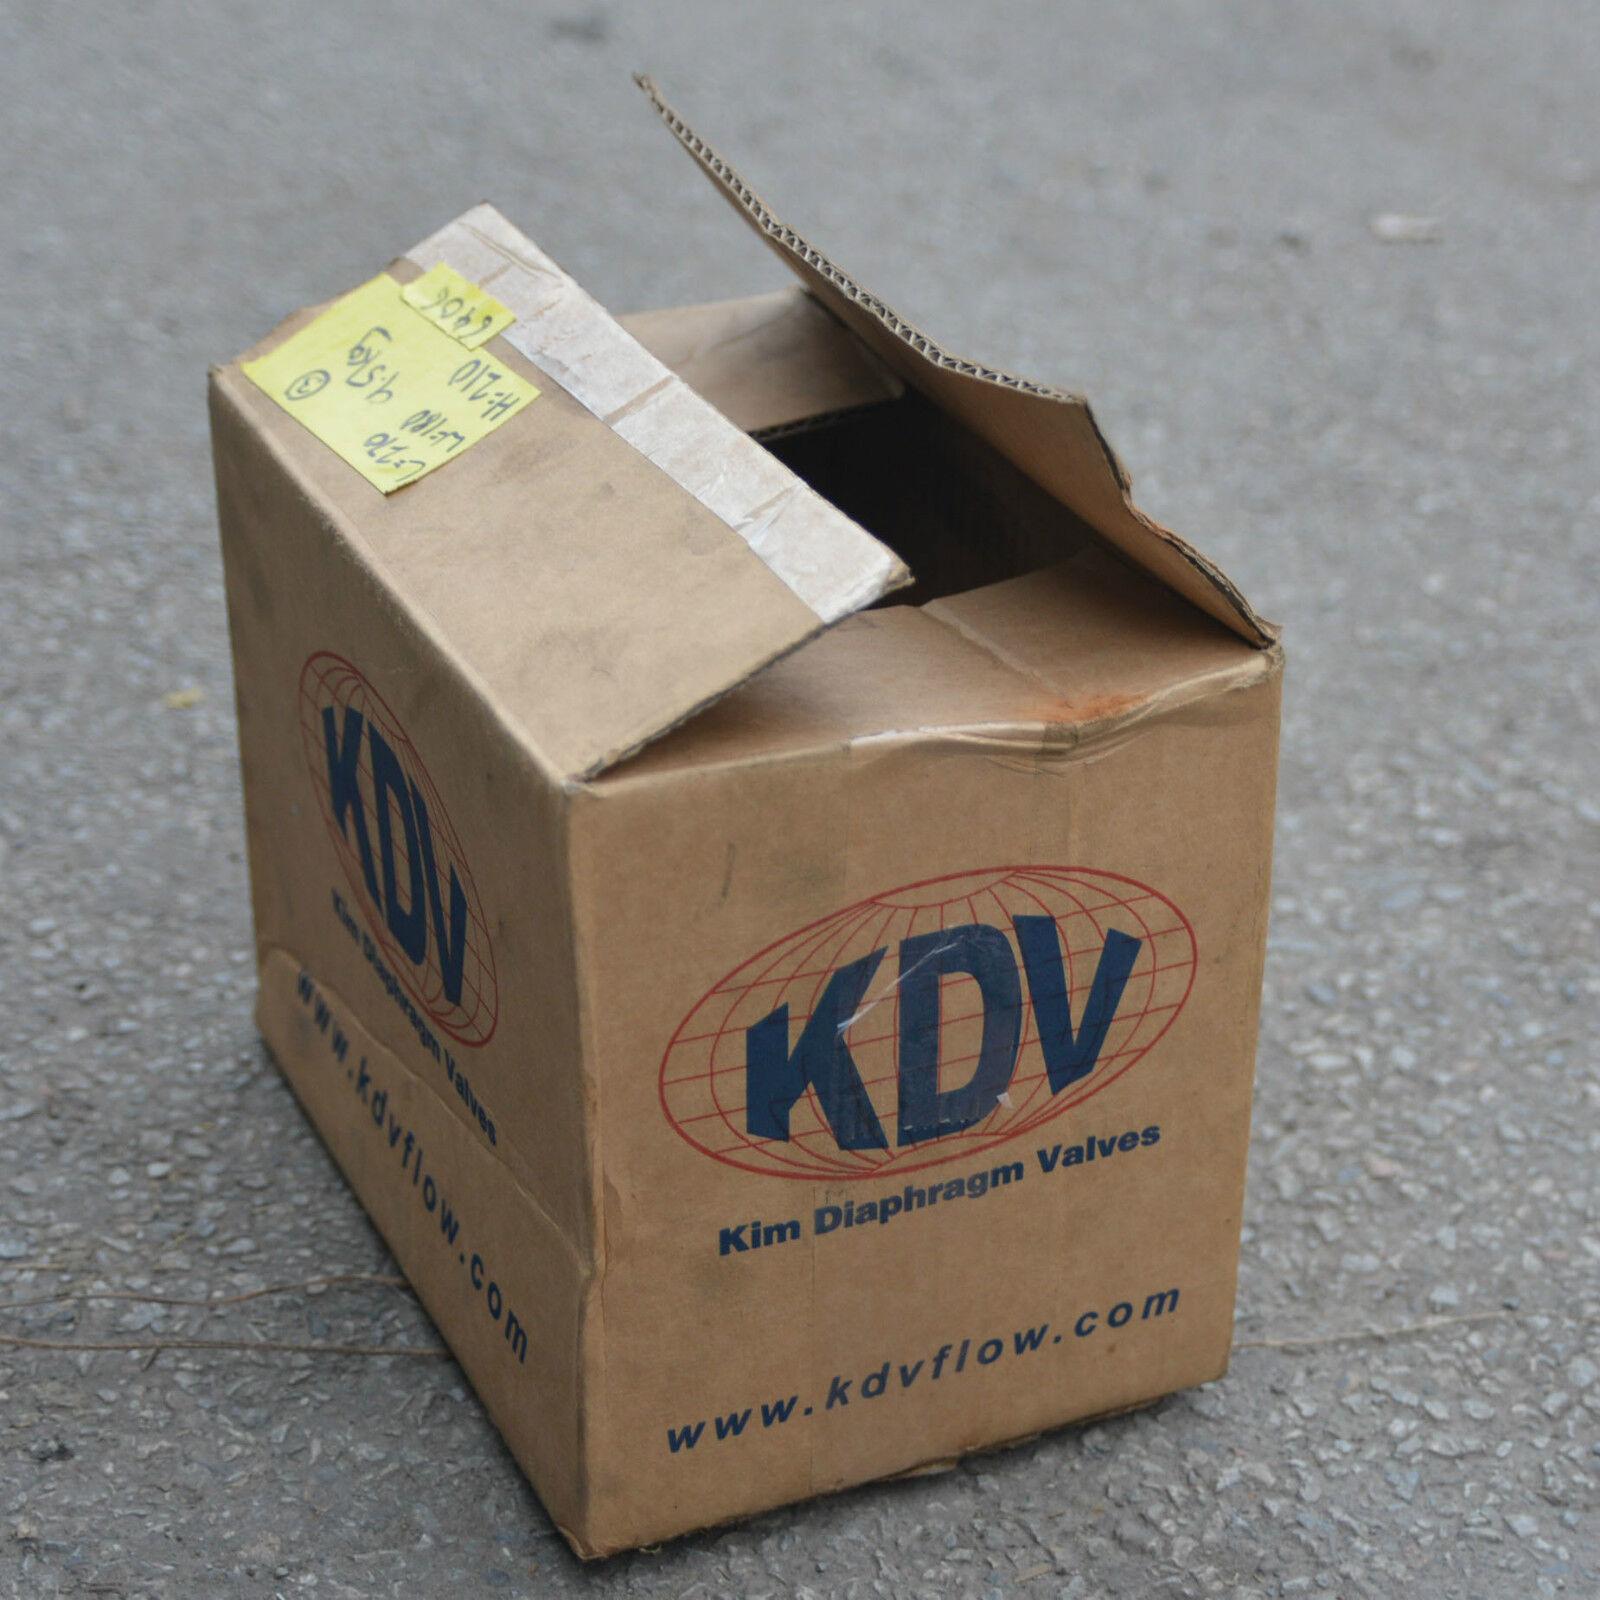 Kdv 2 in dn50 pn 16 diaphragm valve 6406 12660 picclick uk kdv 2 in dn50 pn 16 diaphragm valve 6406 2 of 12 kdv 2 in dn50 pn 16 diaphragm valve ccuart Gallery